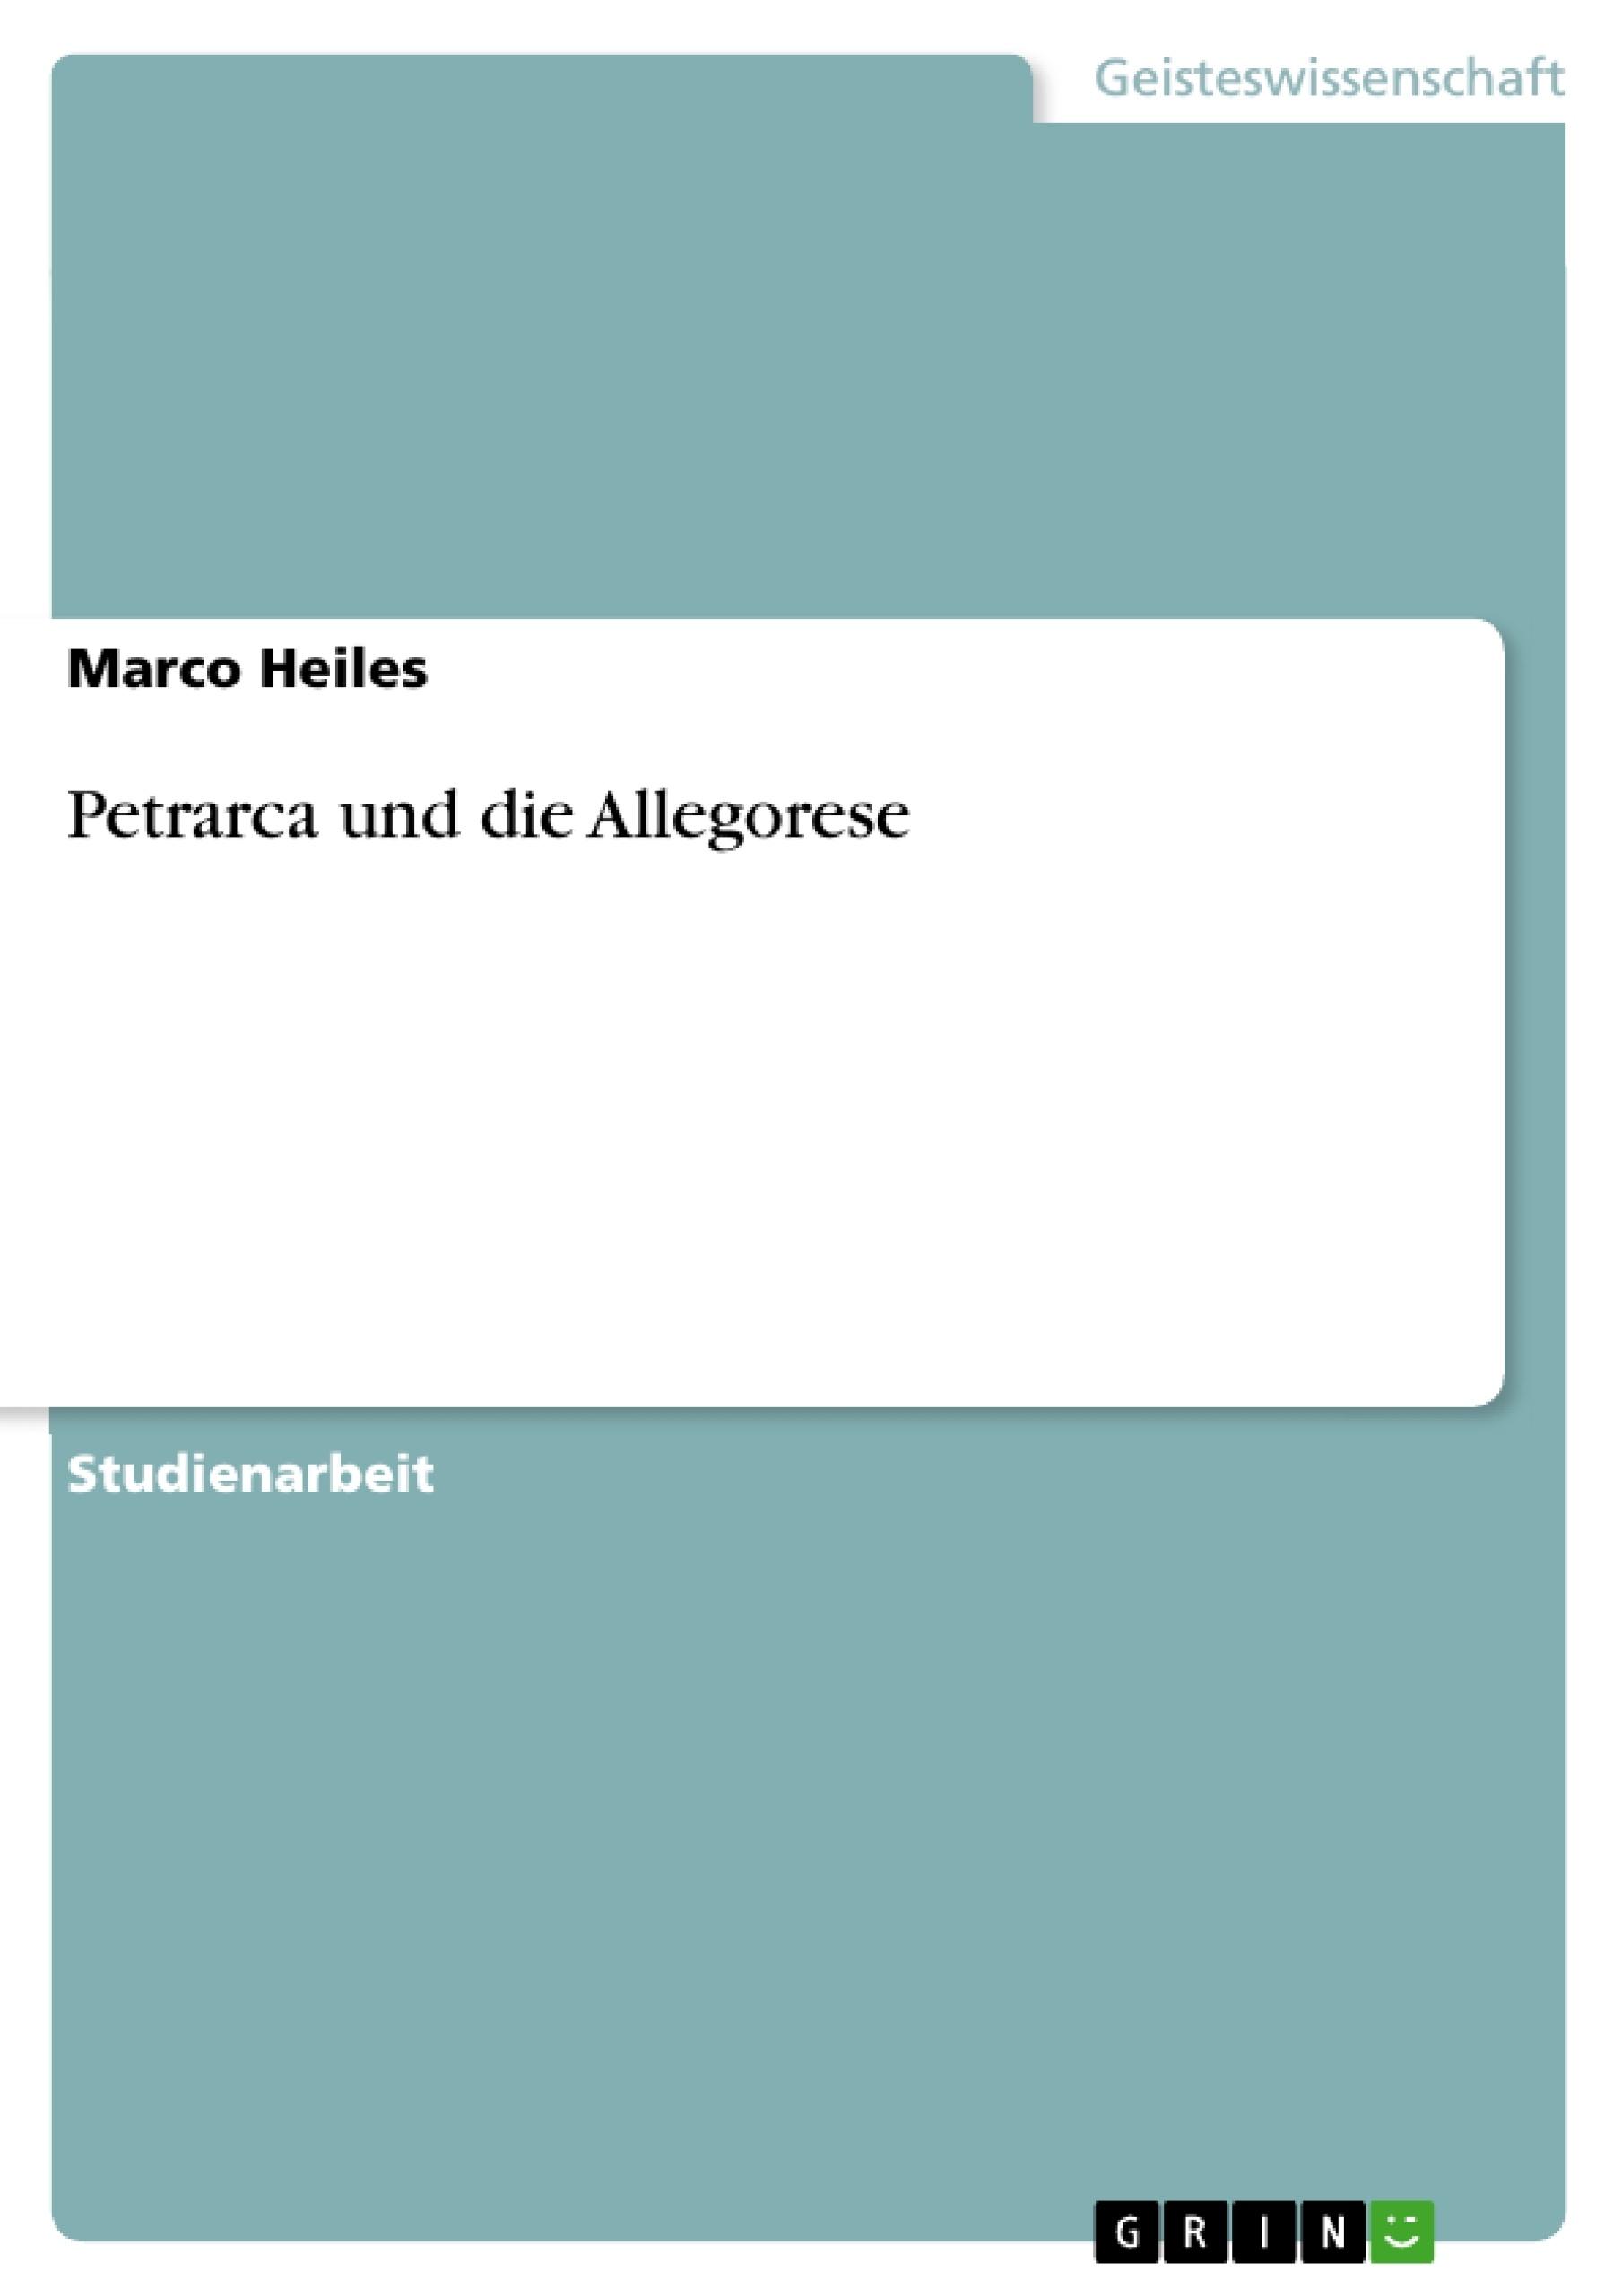 Titel: Petrarca und die Allegorese